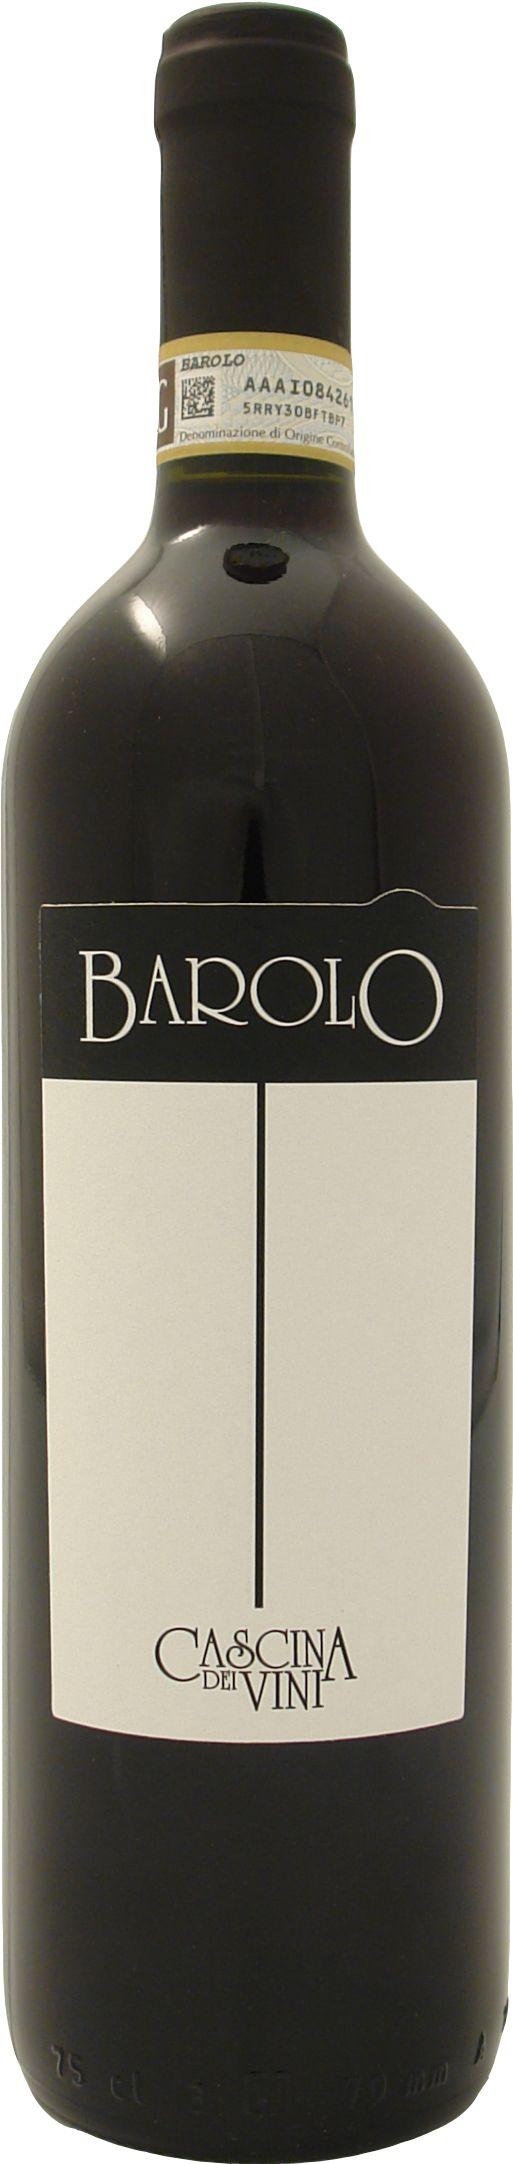 Barolo DOCG - Cascina dei Vini - Bernard - Il Sapore della Natura